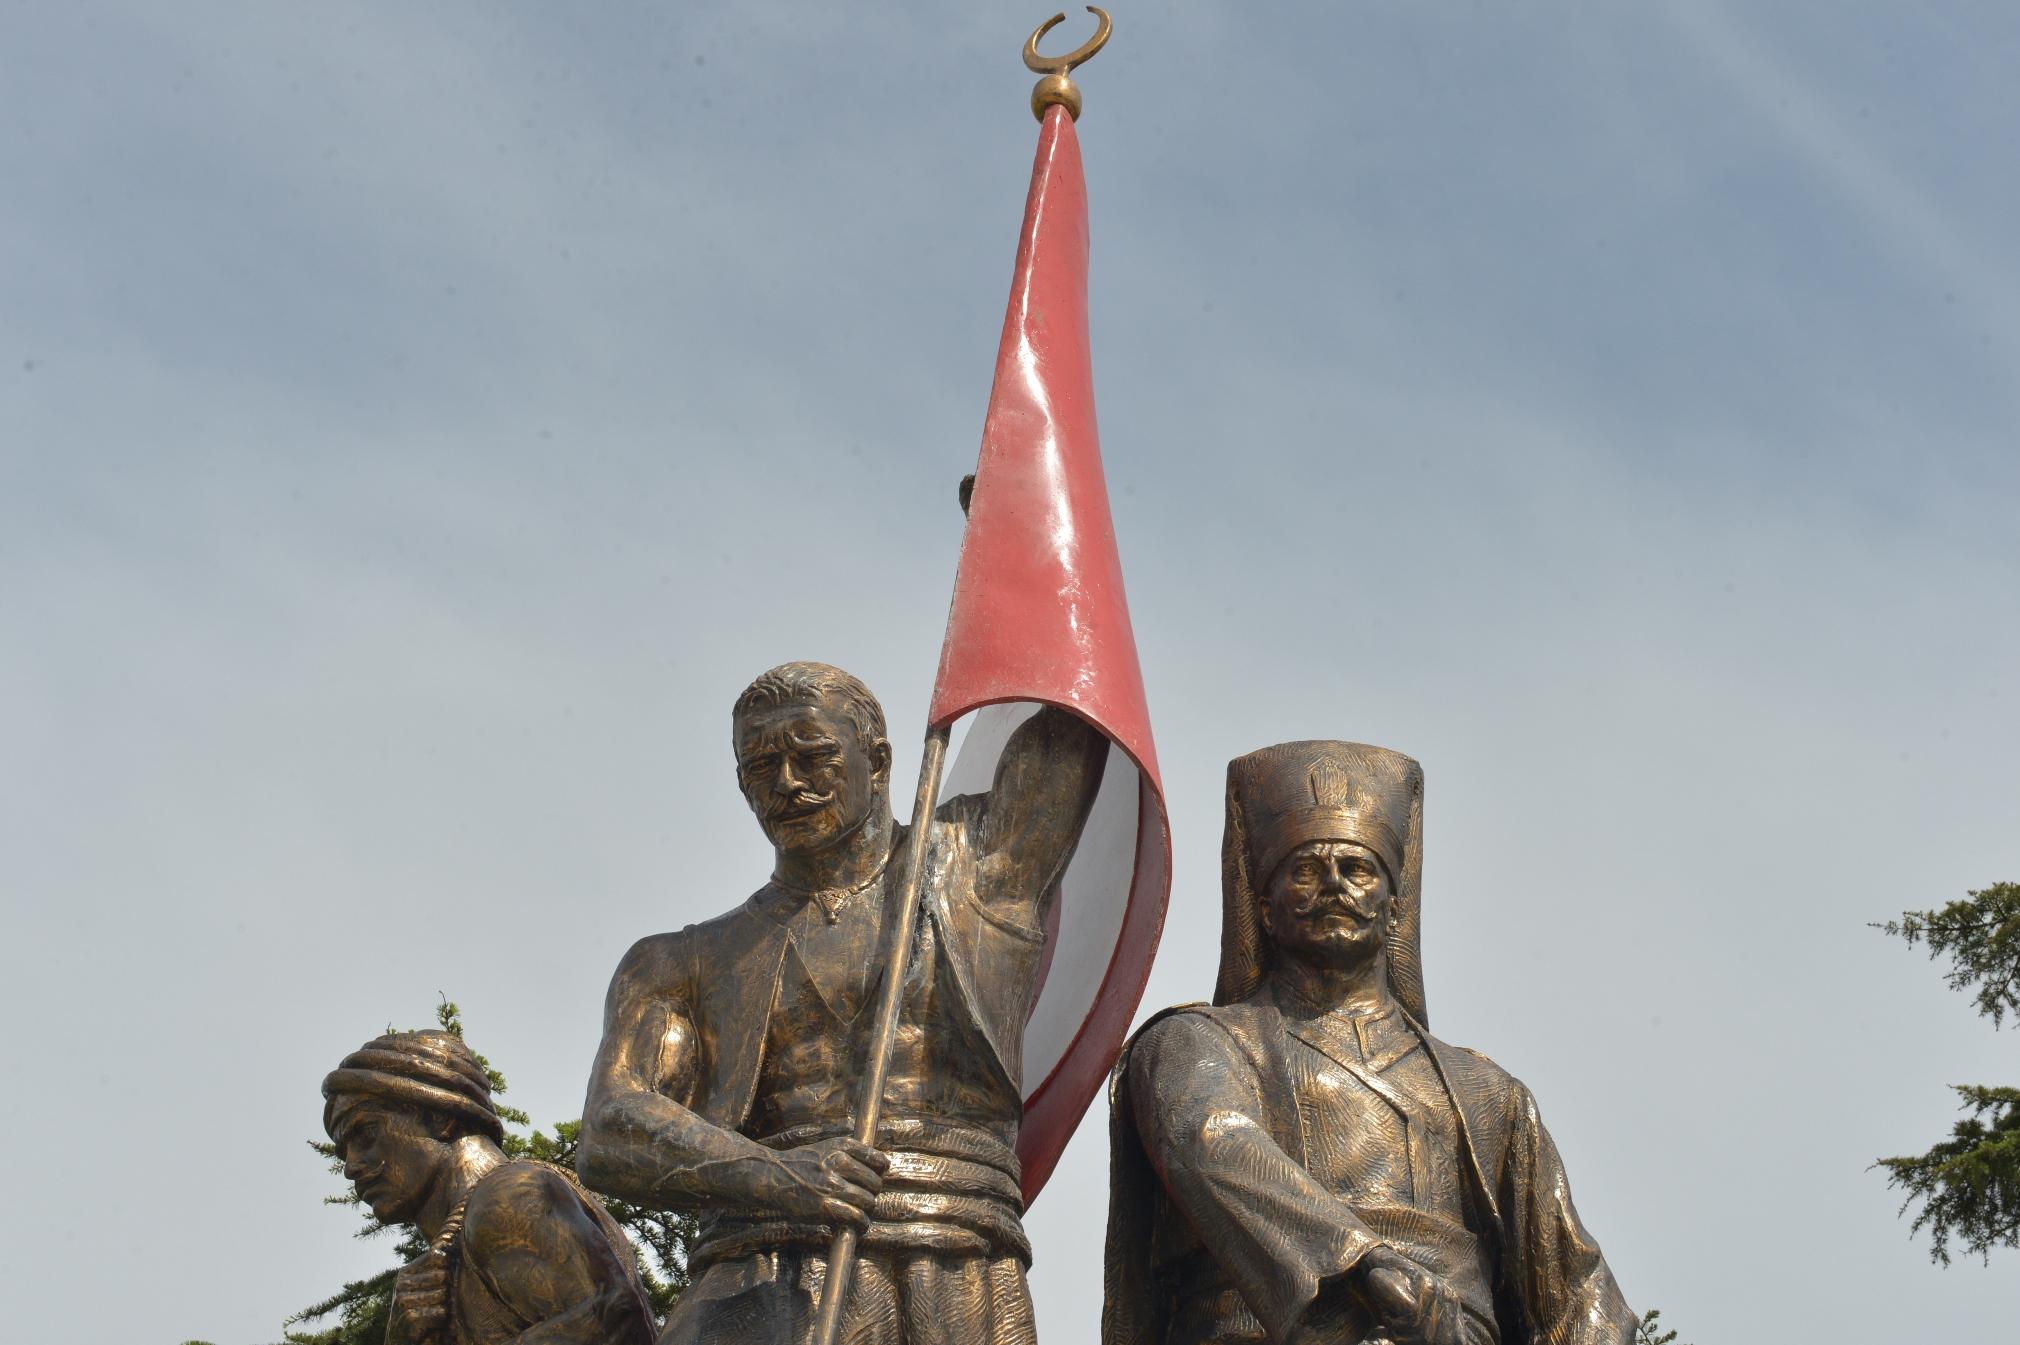 Ulubatlı Hasan, istanbulun fethi sırasında Bizans surlarına ilk sancağı diken yeniçeri, kahraman (DY-1428) tarihte bugün